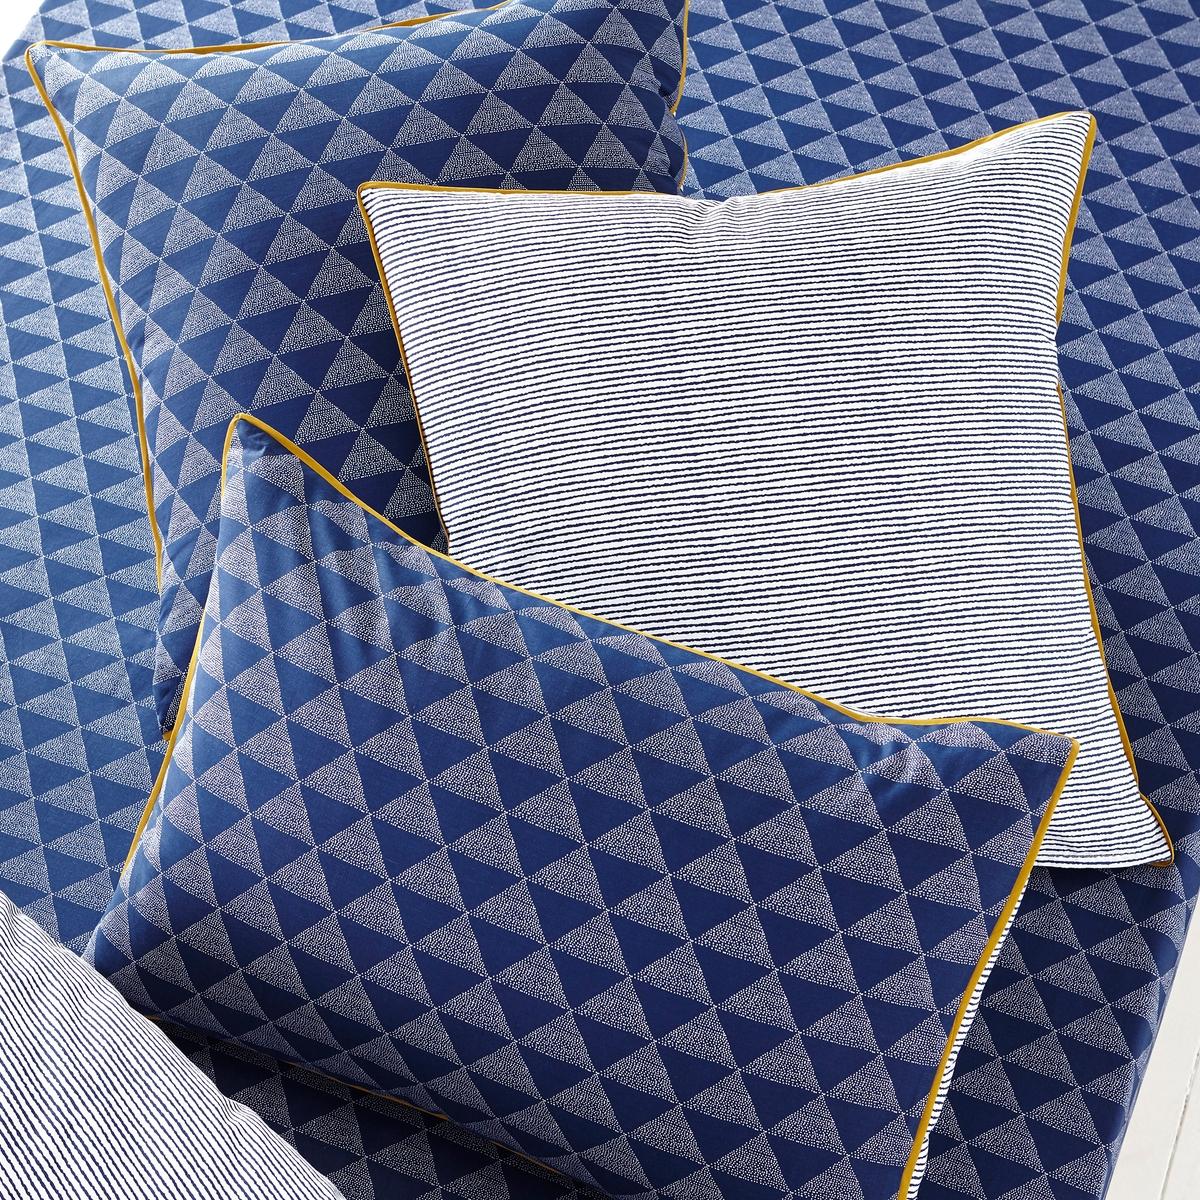 Наволочка с рисунком, IssorХарактеристики наволочки Issor:    наволочка формы мешок и чехол для подушки-валика с рисунком в виде синих треугольников с изнаночной стороны и синие полоски на белом фоне с оборотной стороны. Отделка бейкой контрастного желтого цвета.   100% хлопка с плотным переплетением (57 нитей/см?): чем больше количество нитей/см?, тем выше качество изделия.  Стирка при 60°C.    Знак Oeko-Tex® гарантирует отсутствие вредных для здоровья веществ в протестированных и сертифицированных артикулах.                                                                                                                          Весь комплект постельного белья Issor  - на сайте laredoute. ru                                                                                                                       Размеры на выбор:   63 x 63 см: квадратная наволочка,                            50 x 70 см: прямоугольная наволочка.<br><br>Цвет: синий/белый/желтый<br>Размер: 63 x 63  см